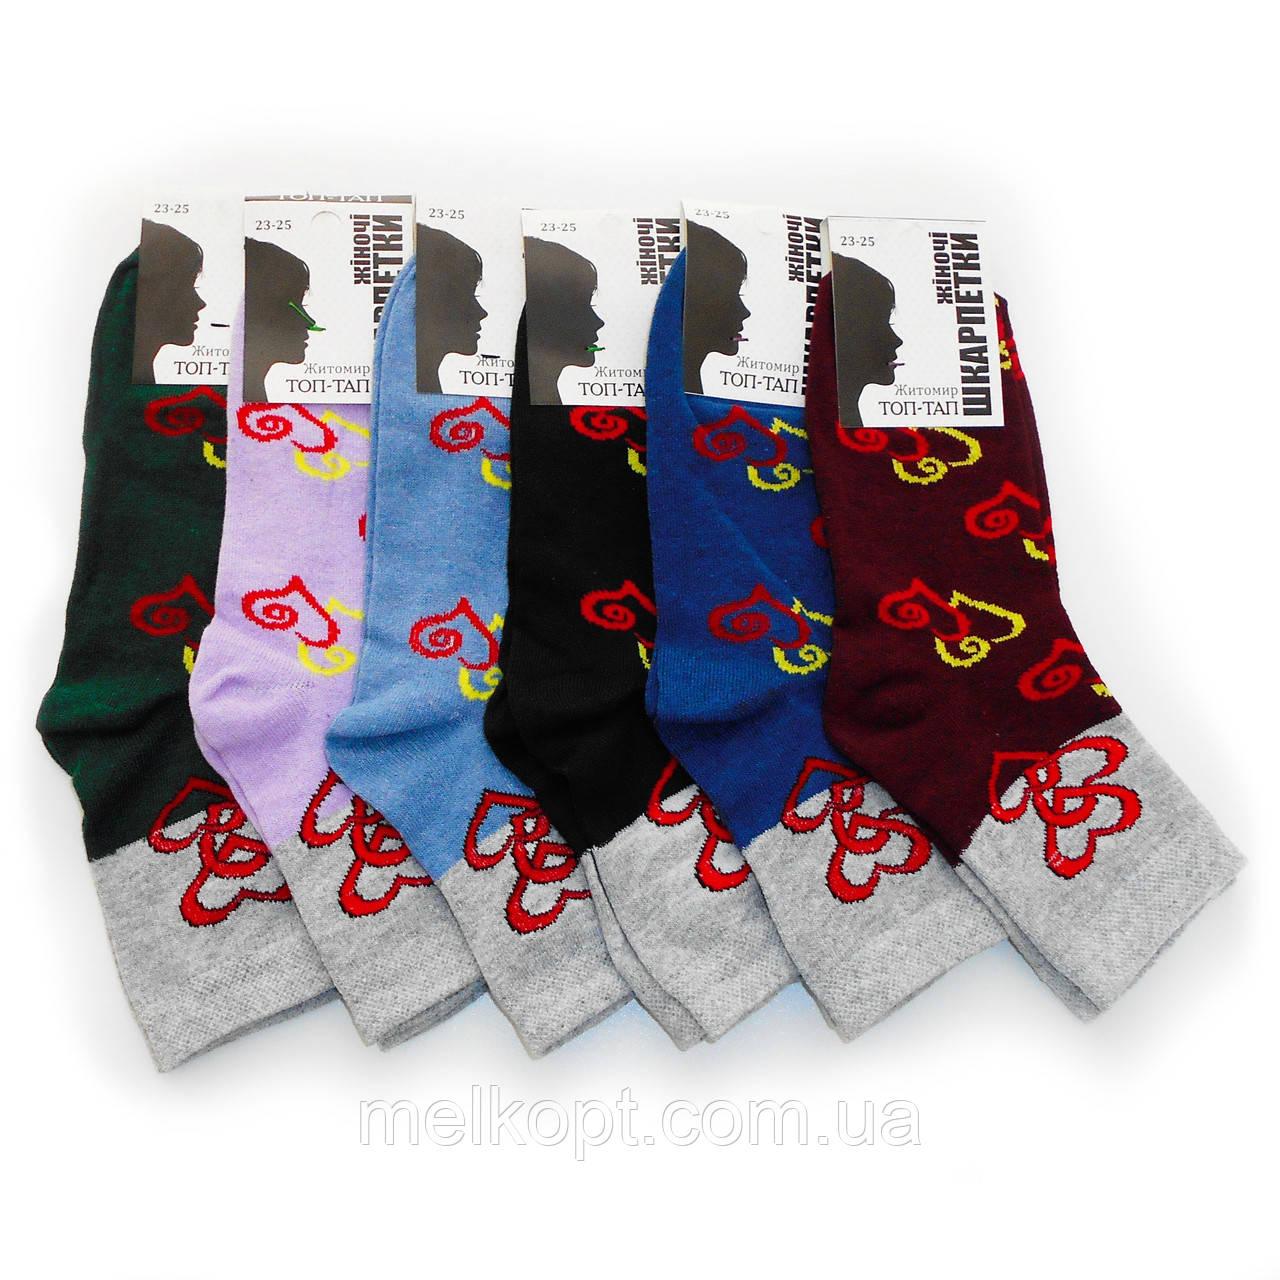 Жіночі шкарпетки Топ-Тап від 9,00 грн./пара (серця)